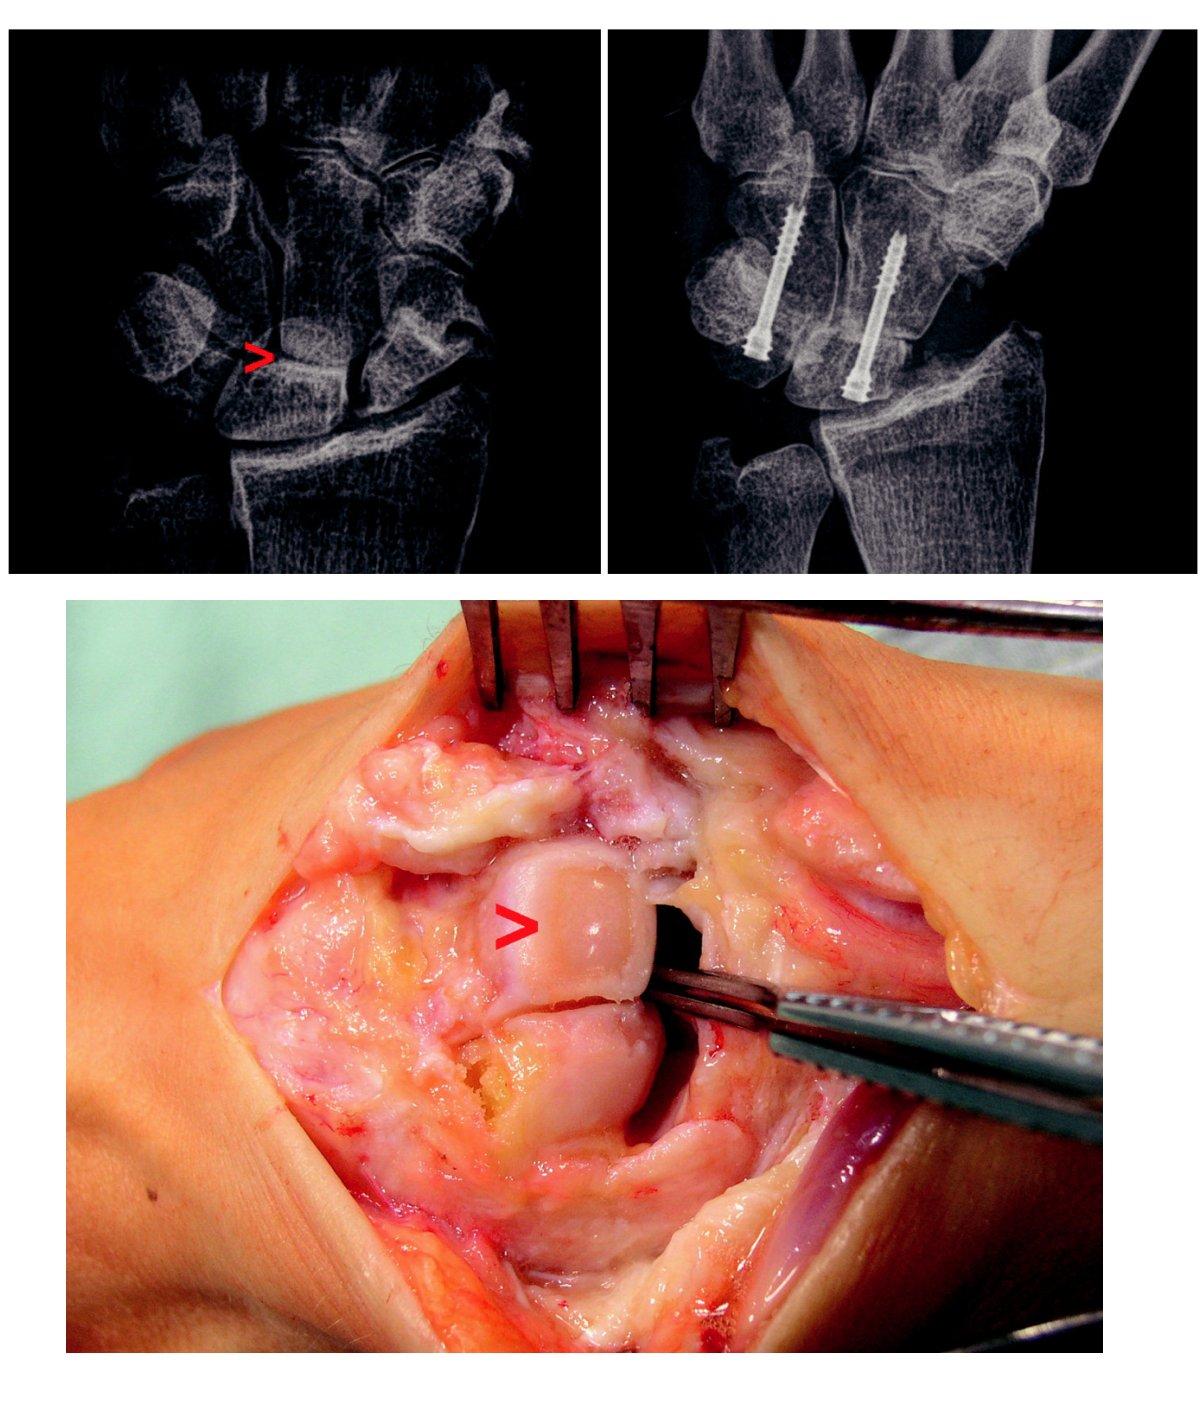 a) Pakloub člunkové kosti s artrotickými změnami typu SNAC III, šipka ukazuje oblast postižení mediokarpálního kloubu se zúžením kloubní štěrbiny a subchondrální sklerózou. b) Peroperační nález u téhož pacienta, šipka ukazuje na úplnou ztrátu chrupavky v oblasti hlavice os capitatum. c) Stav po zhojené čtyřrohé fúzi pomocí kostních štěpů a 2 šroubů Herbertova typu.